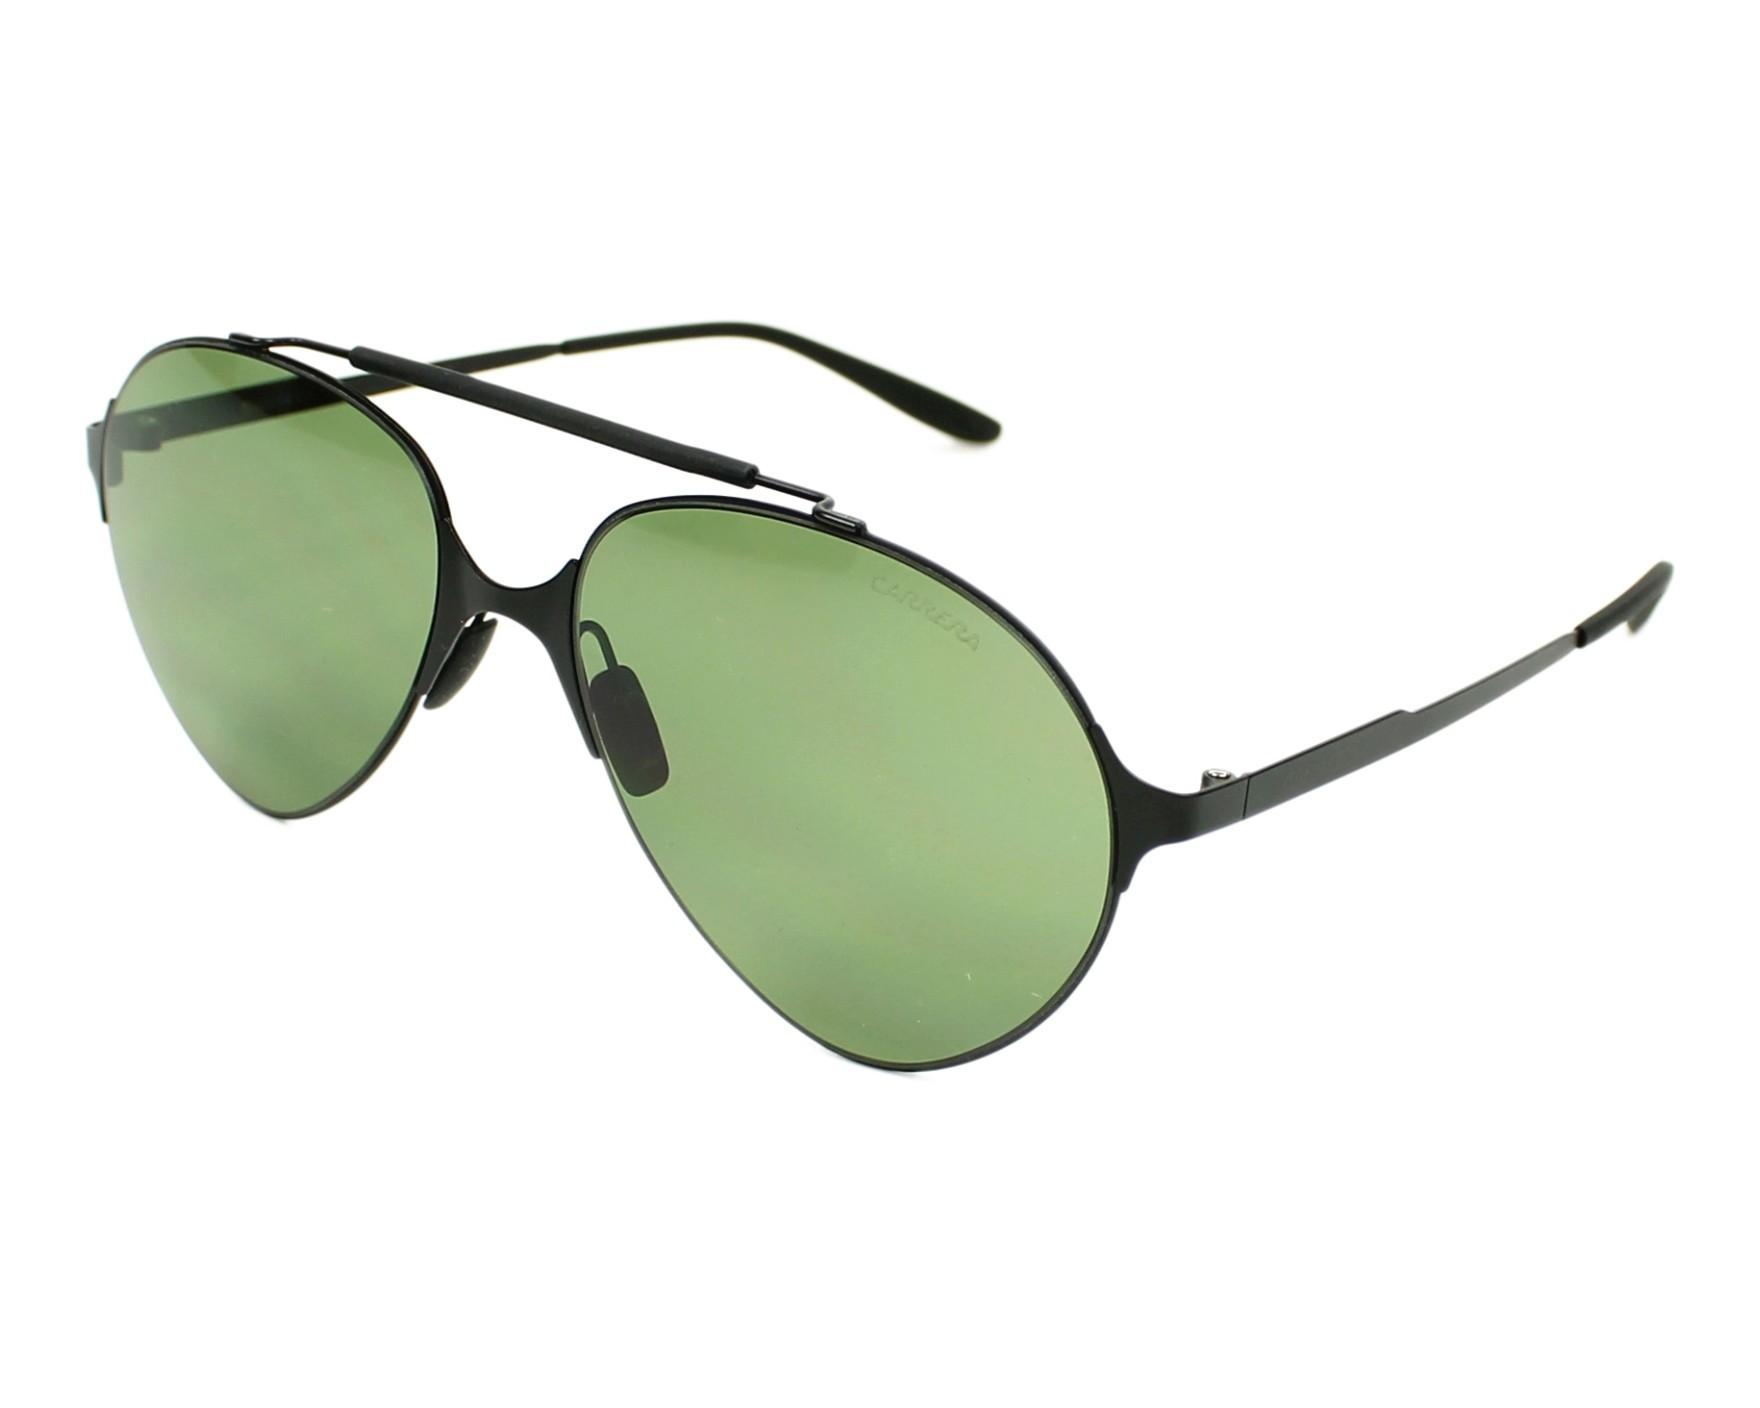 Carrera 124/S Sonnenbrille Mattschwarz 124/S 58mm 8Kf3RY7pFi